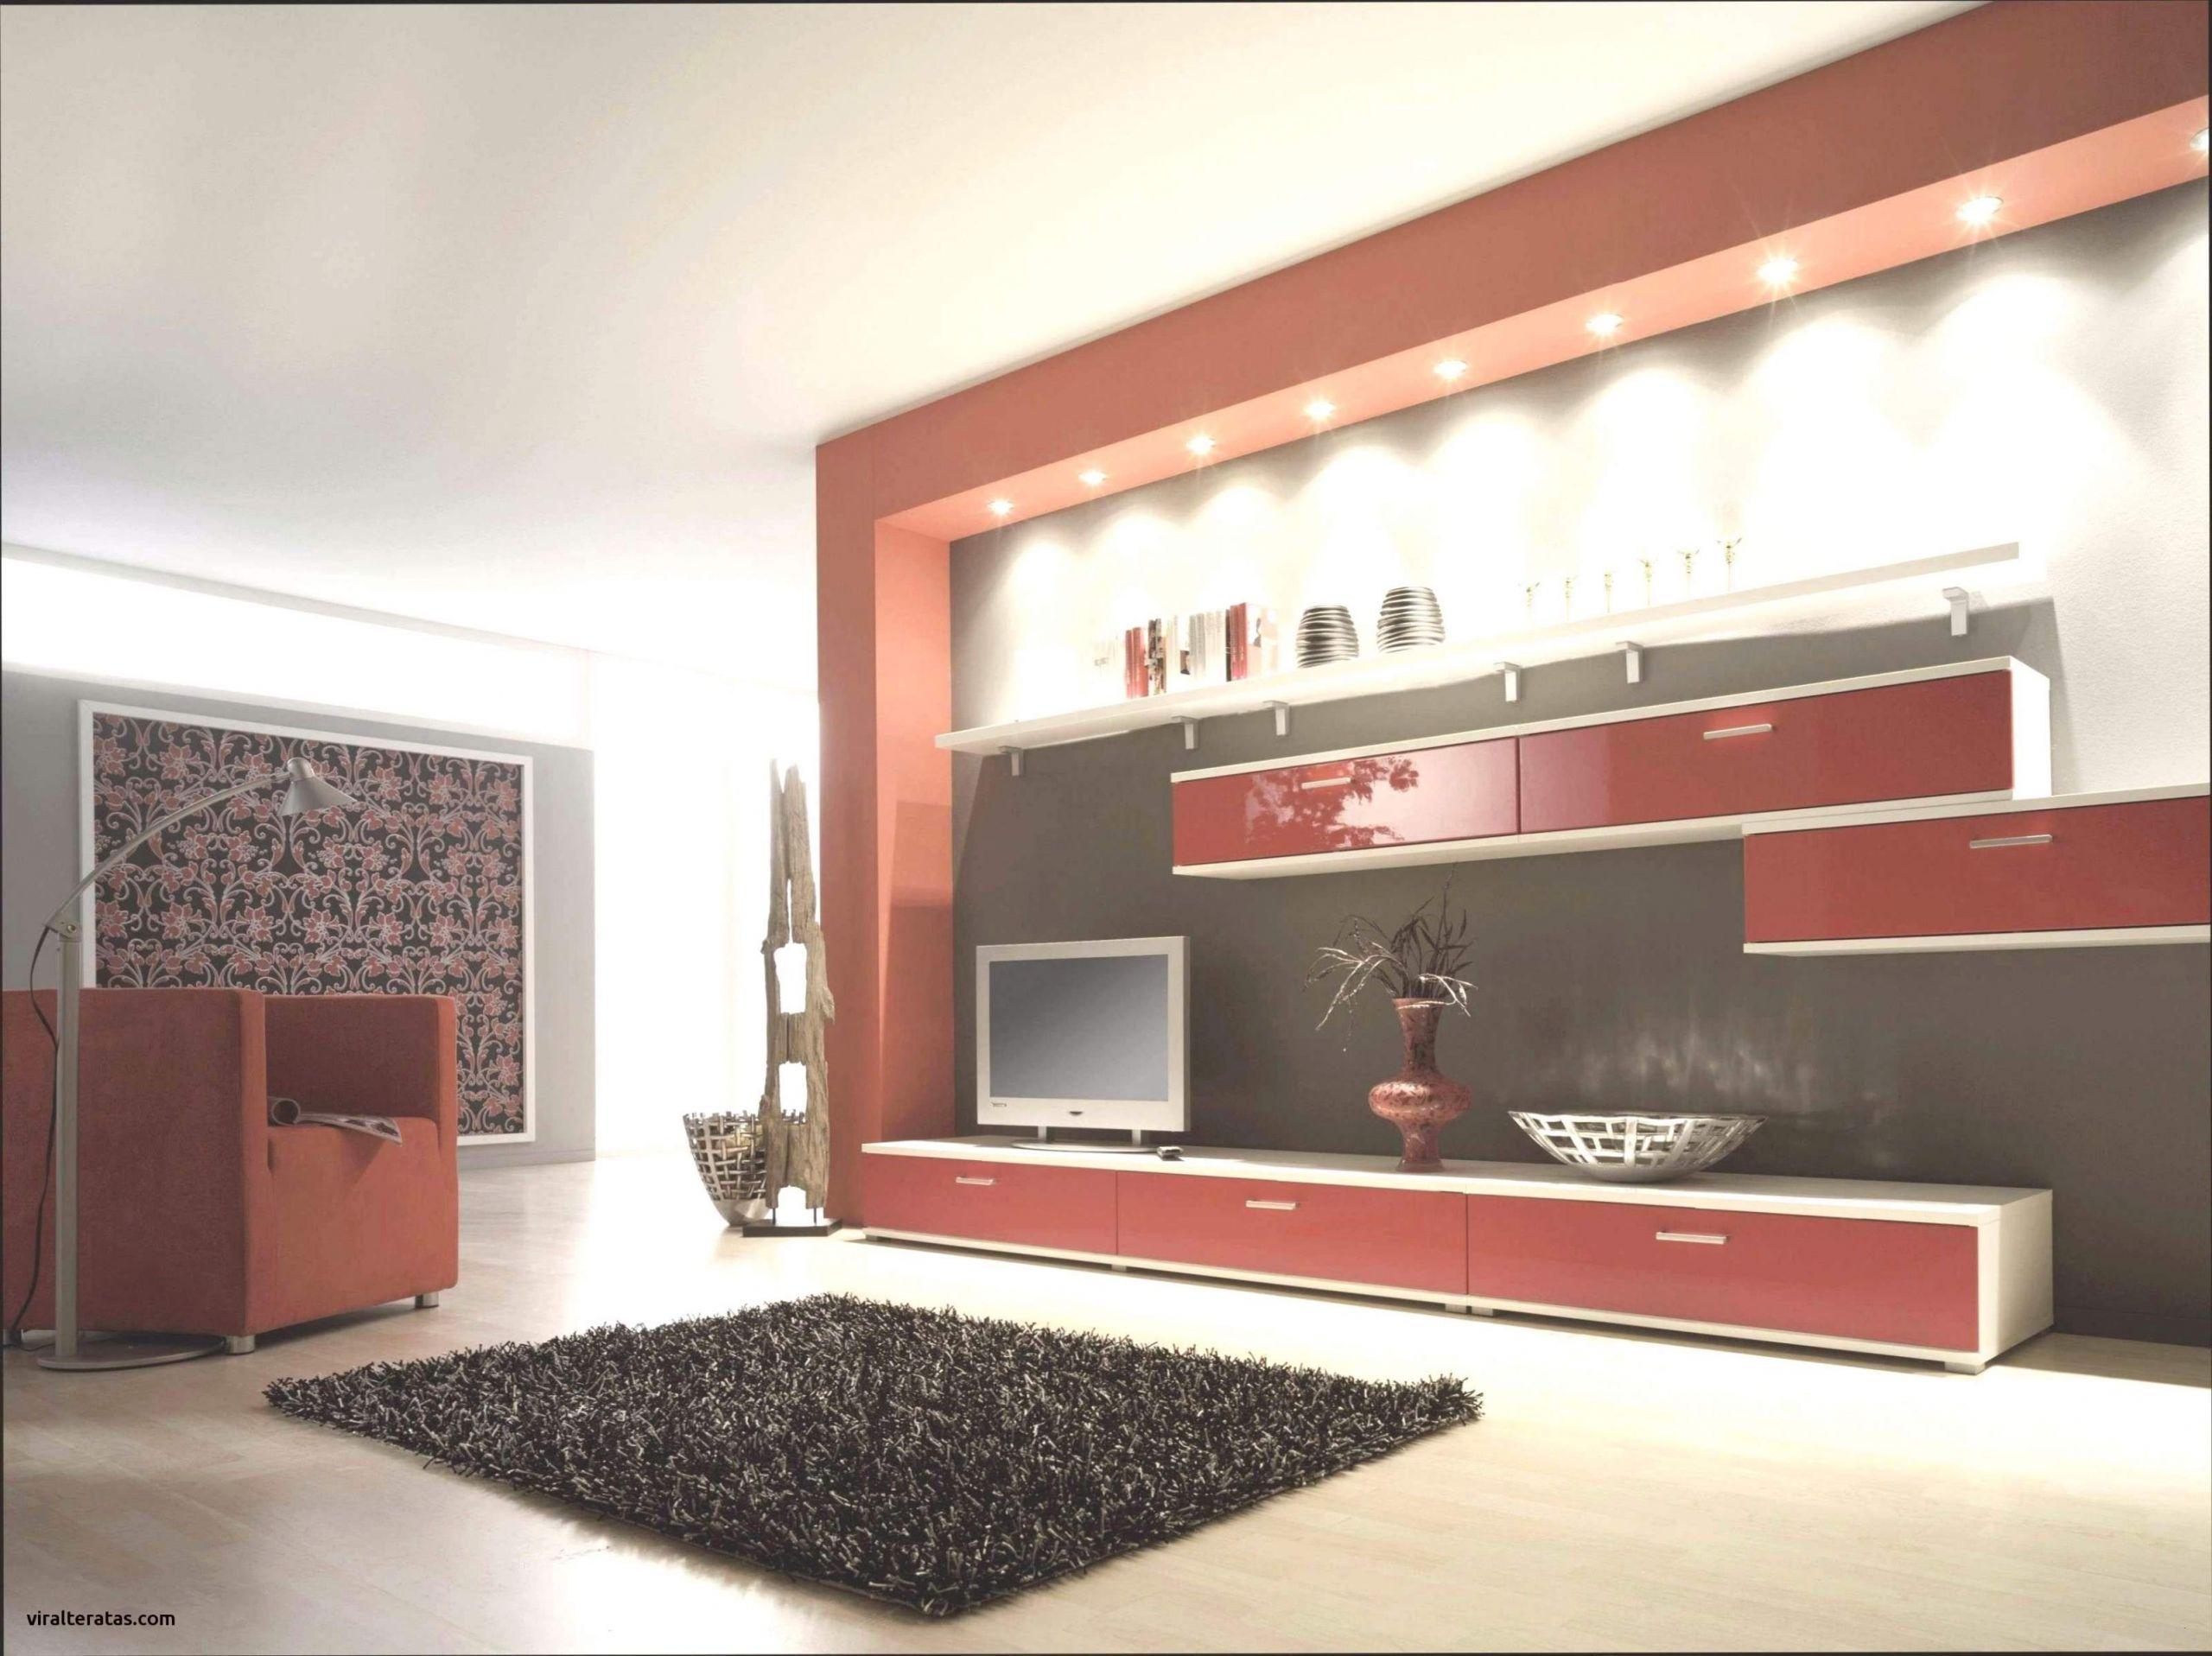 luxus schlafzimmer ideen fur kleine raume pinterest losungen fur kleine schlafzimmer losungen fur kleine schlafzimmer